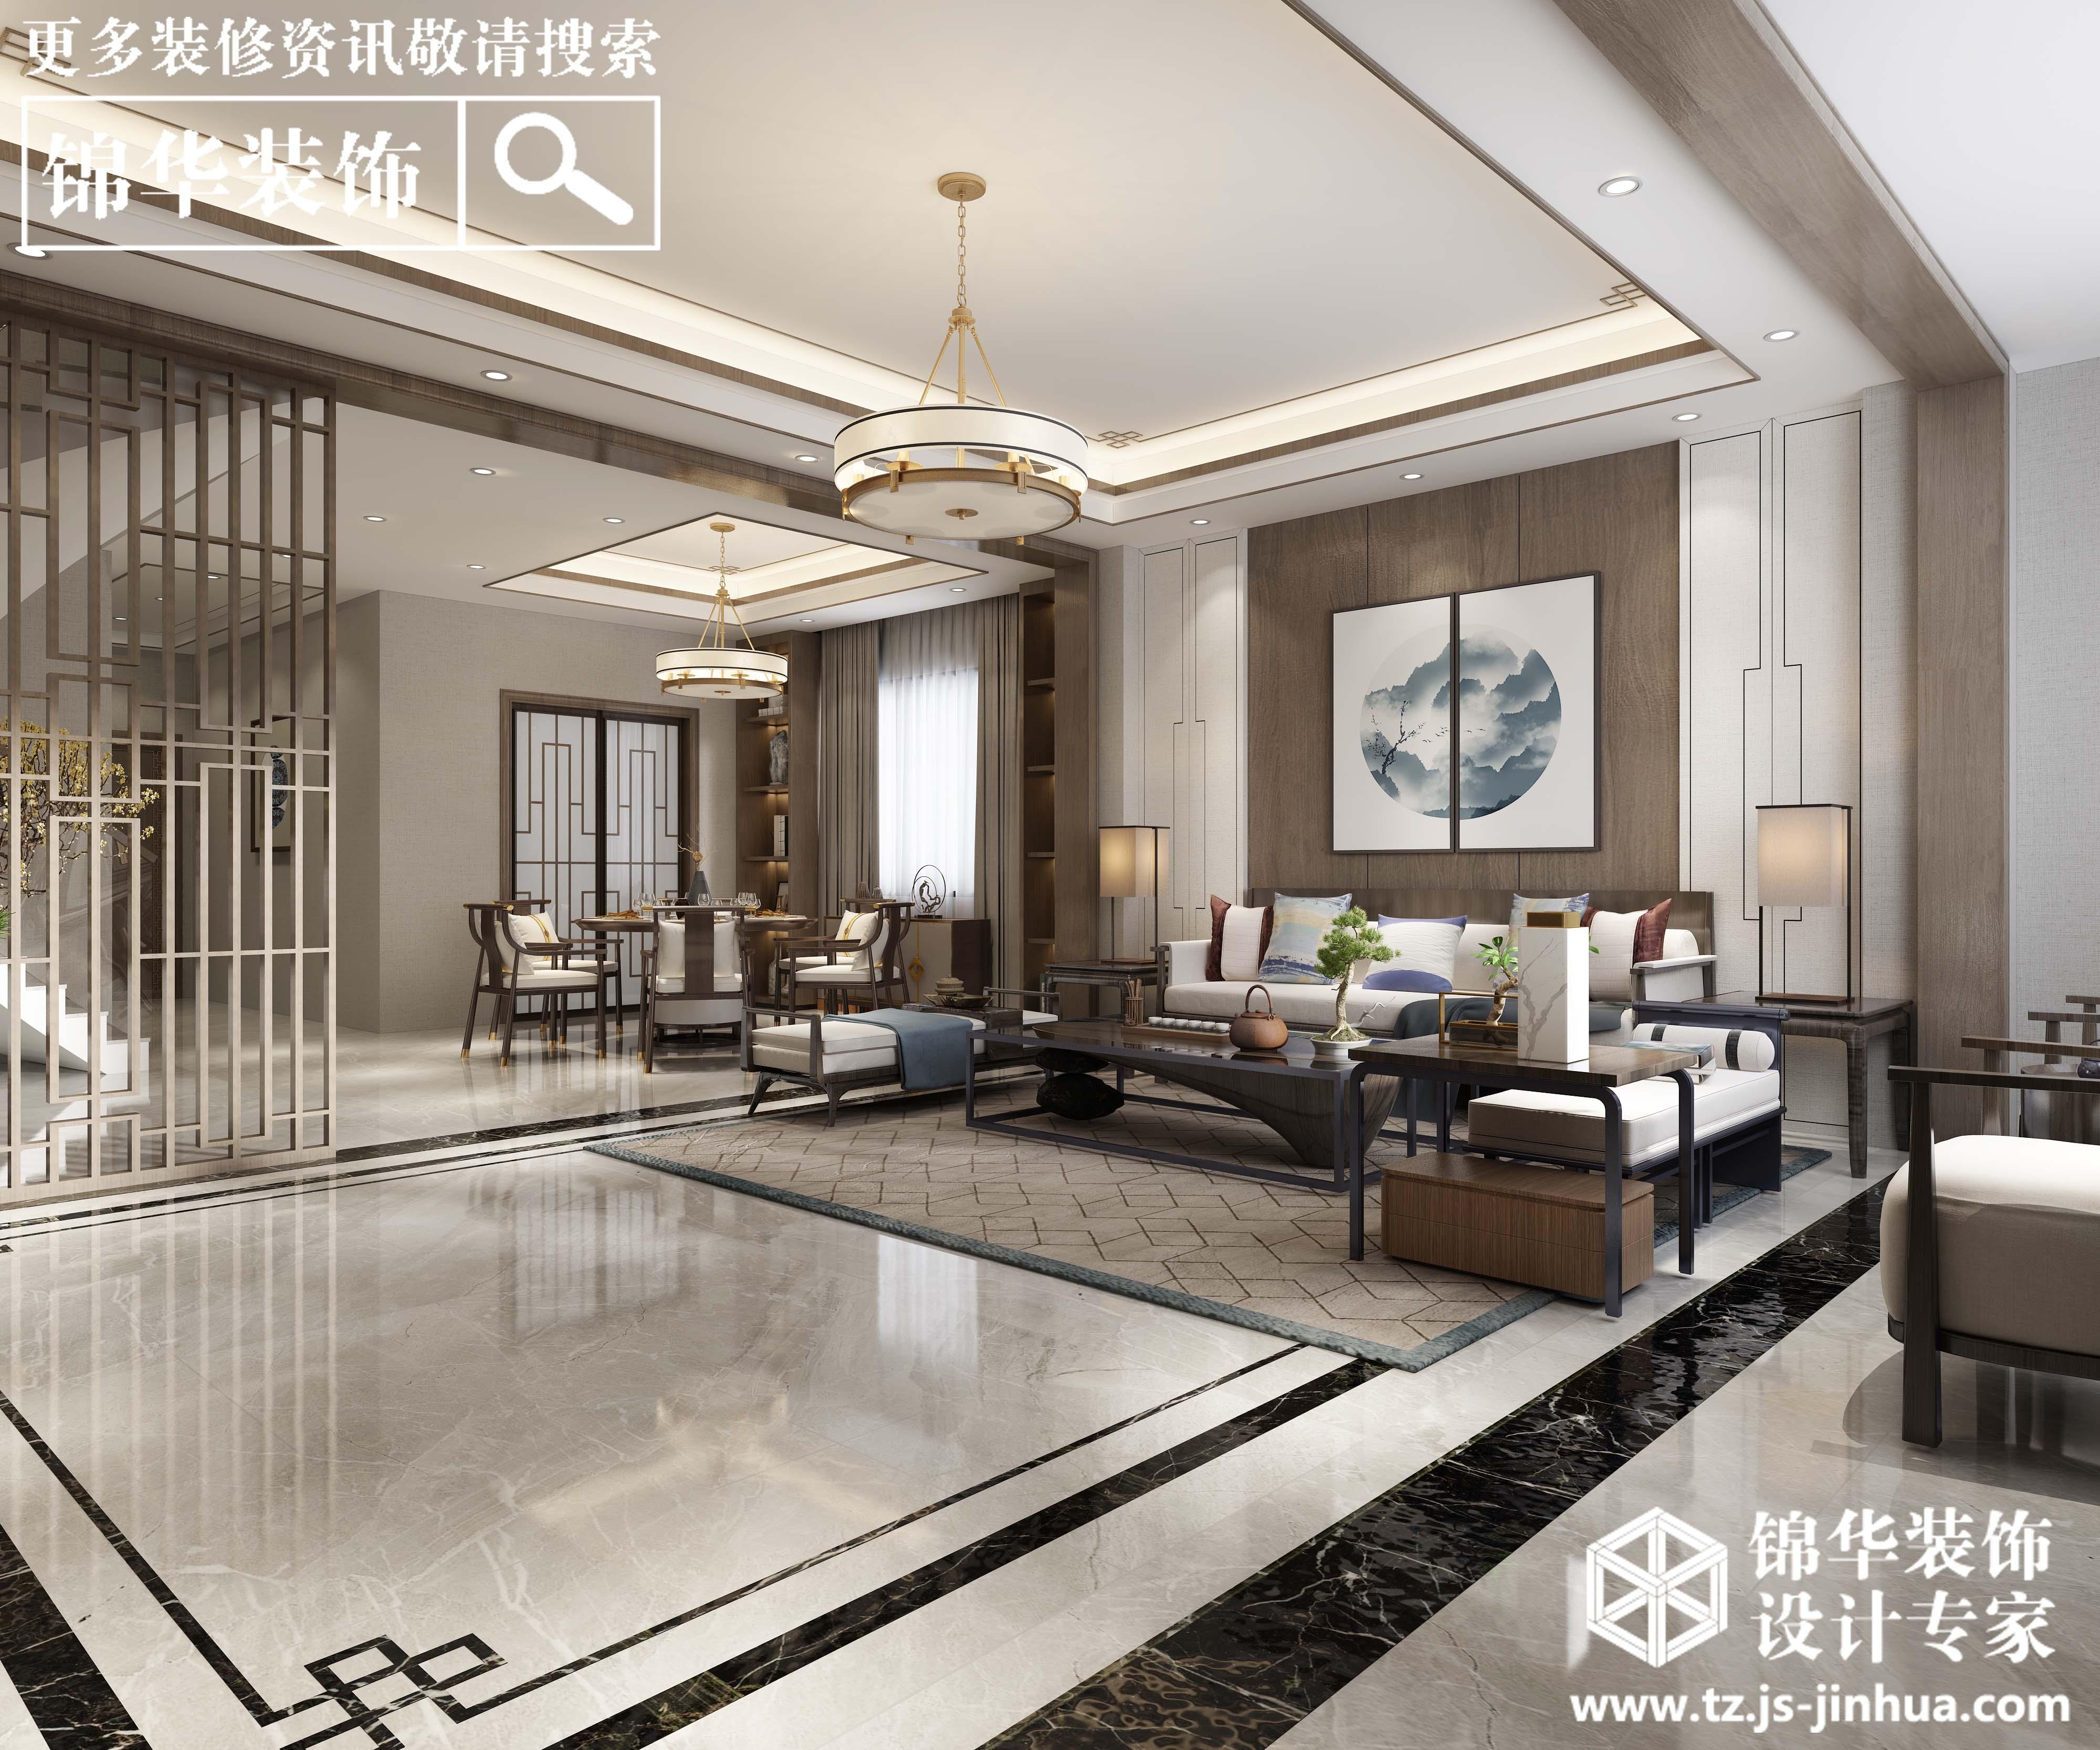 金通玉兰园-新中式风格-450平别墅-半包造价30万